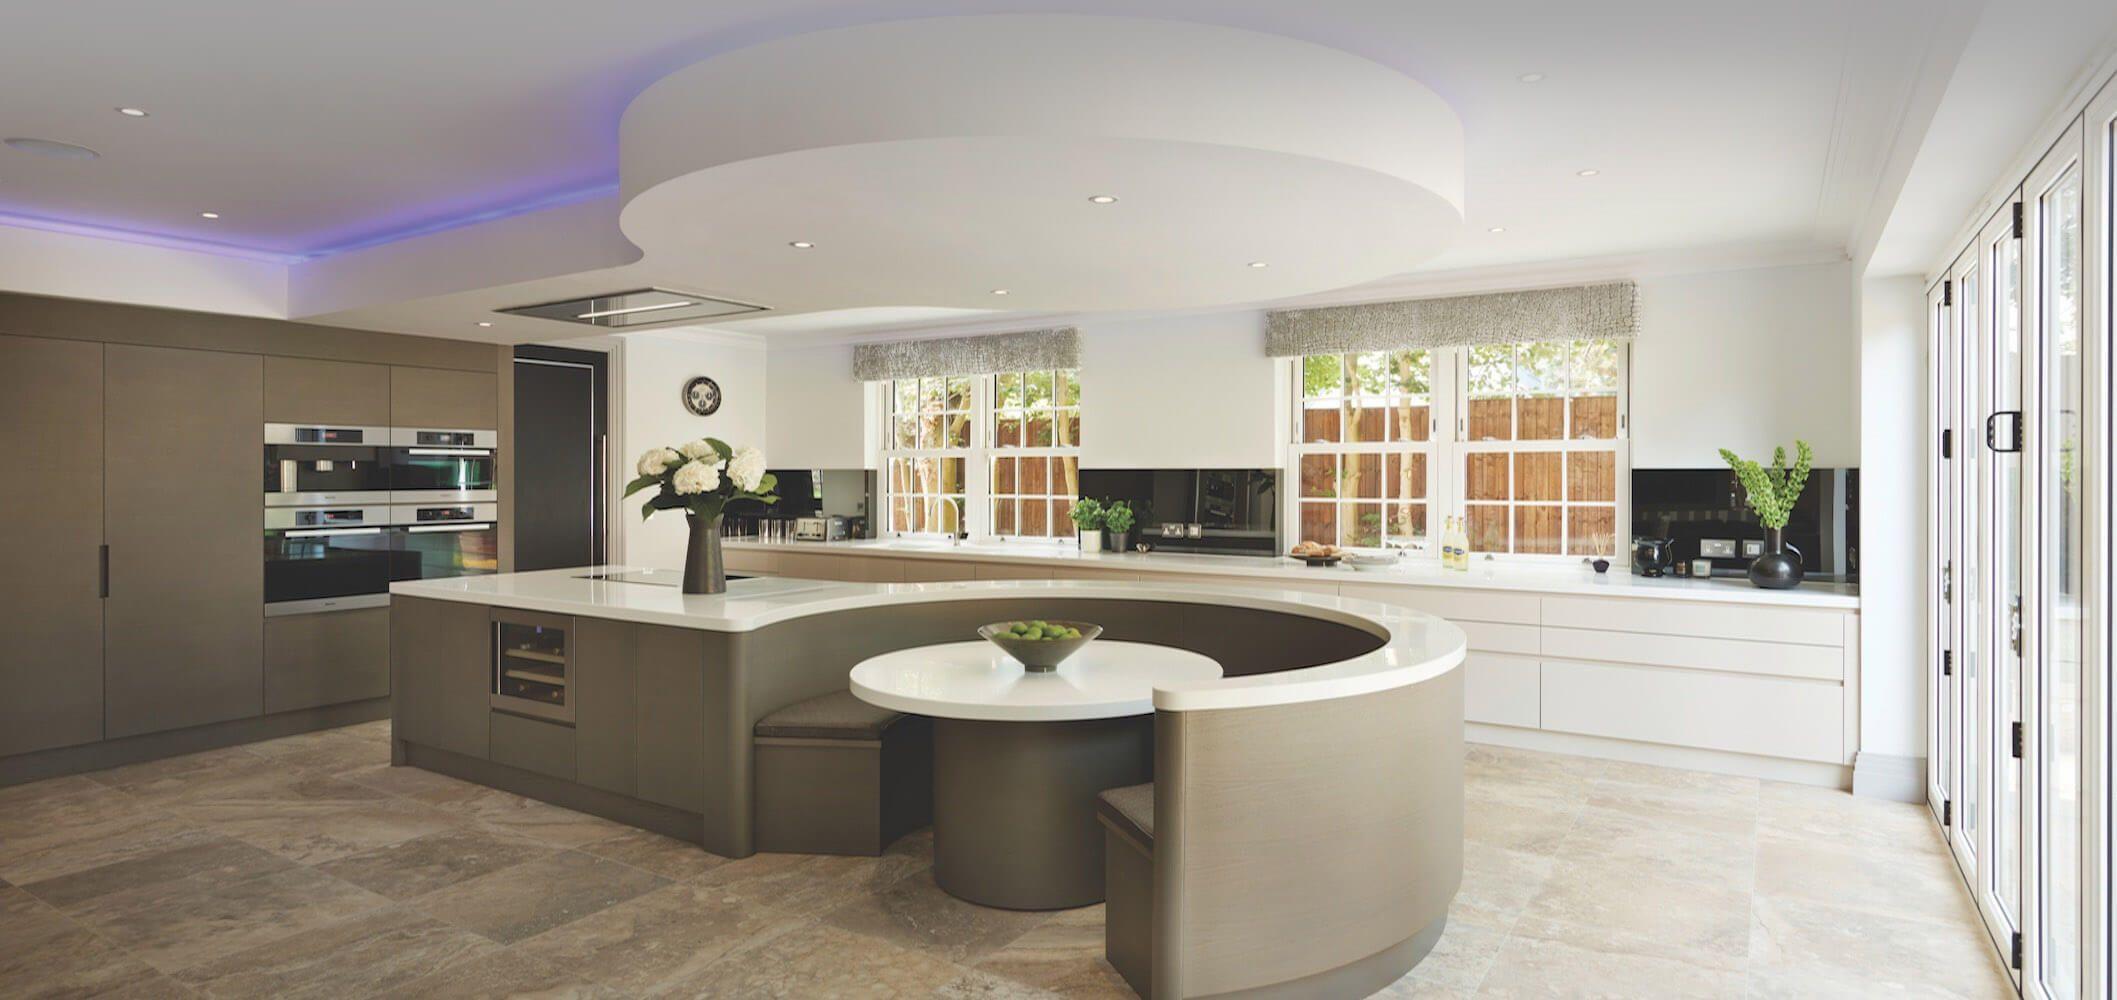 20 Stateoftheart Modern Kitchen Designsreeva Design Magnificent Kitchen Booth Designs Design Decoration